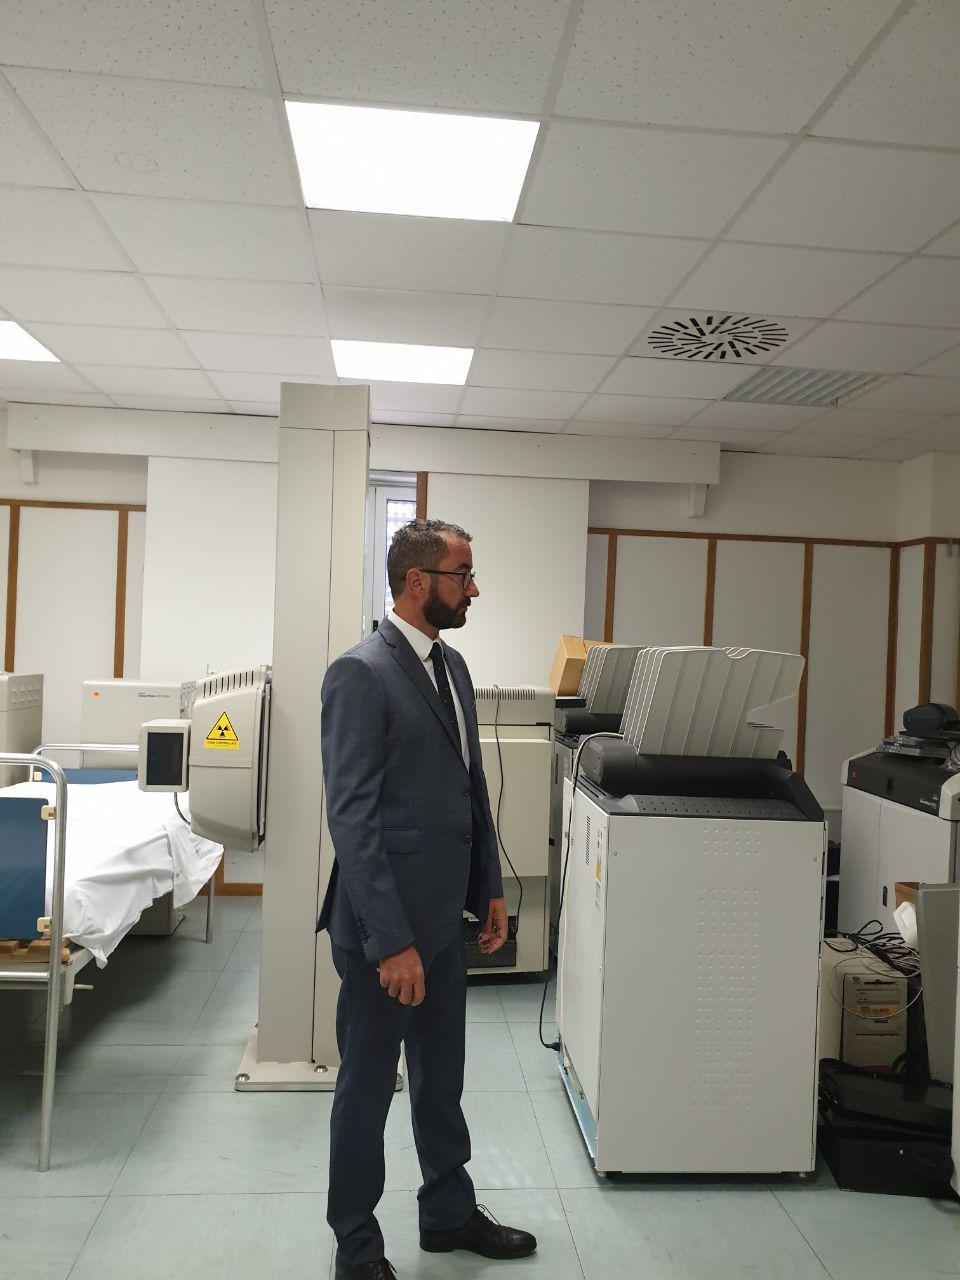 Visita ispettiva di Pietro Smargiassi presso l'ospedale di Vasto 2